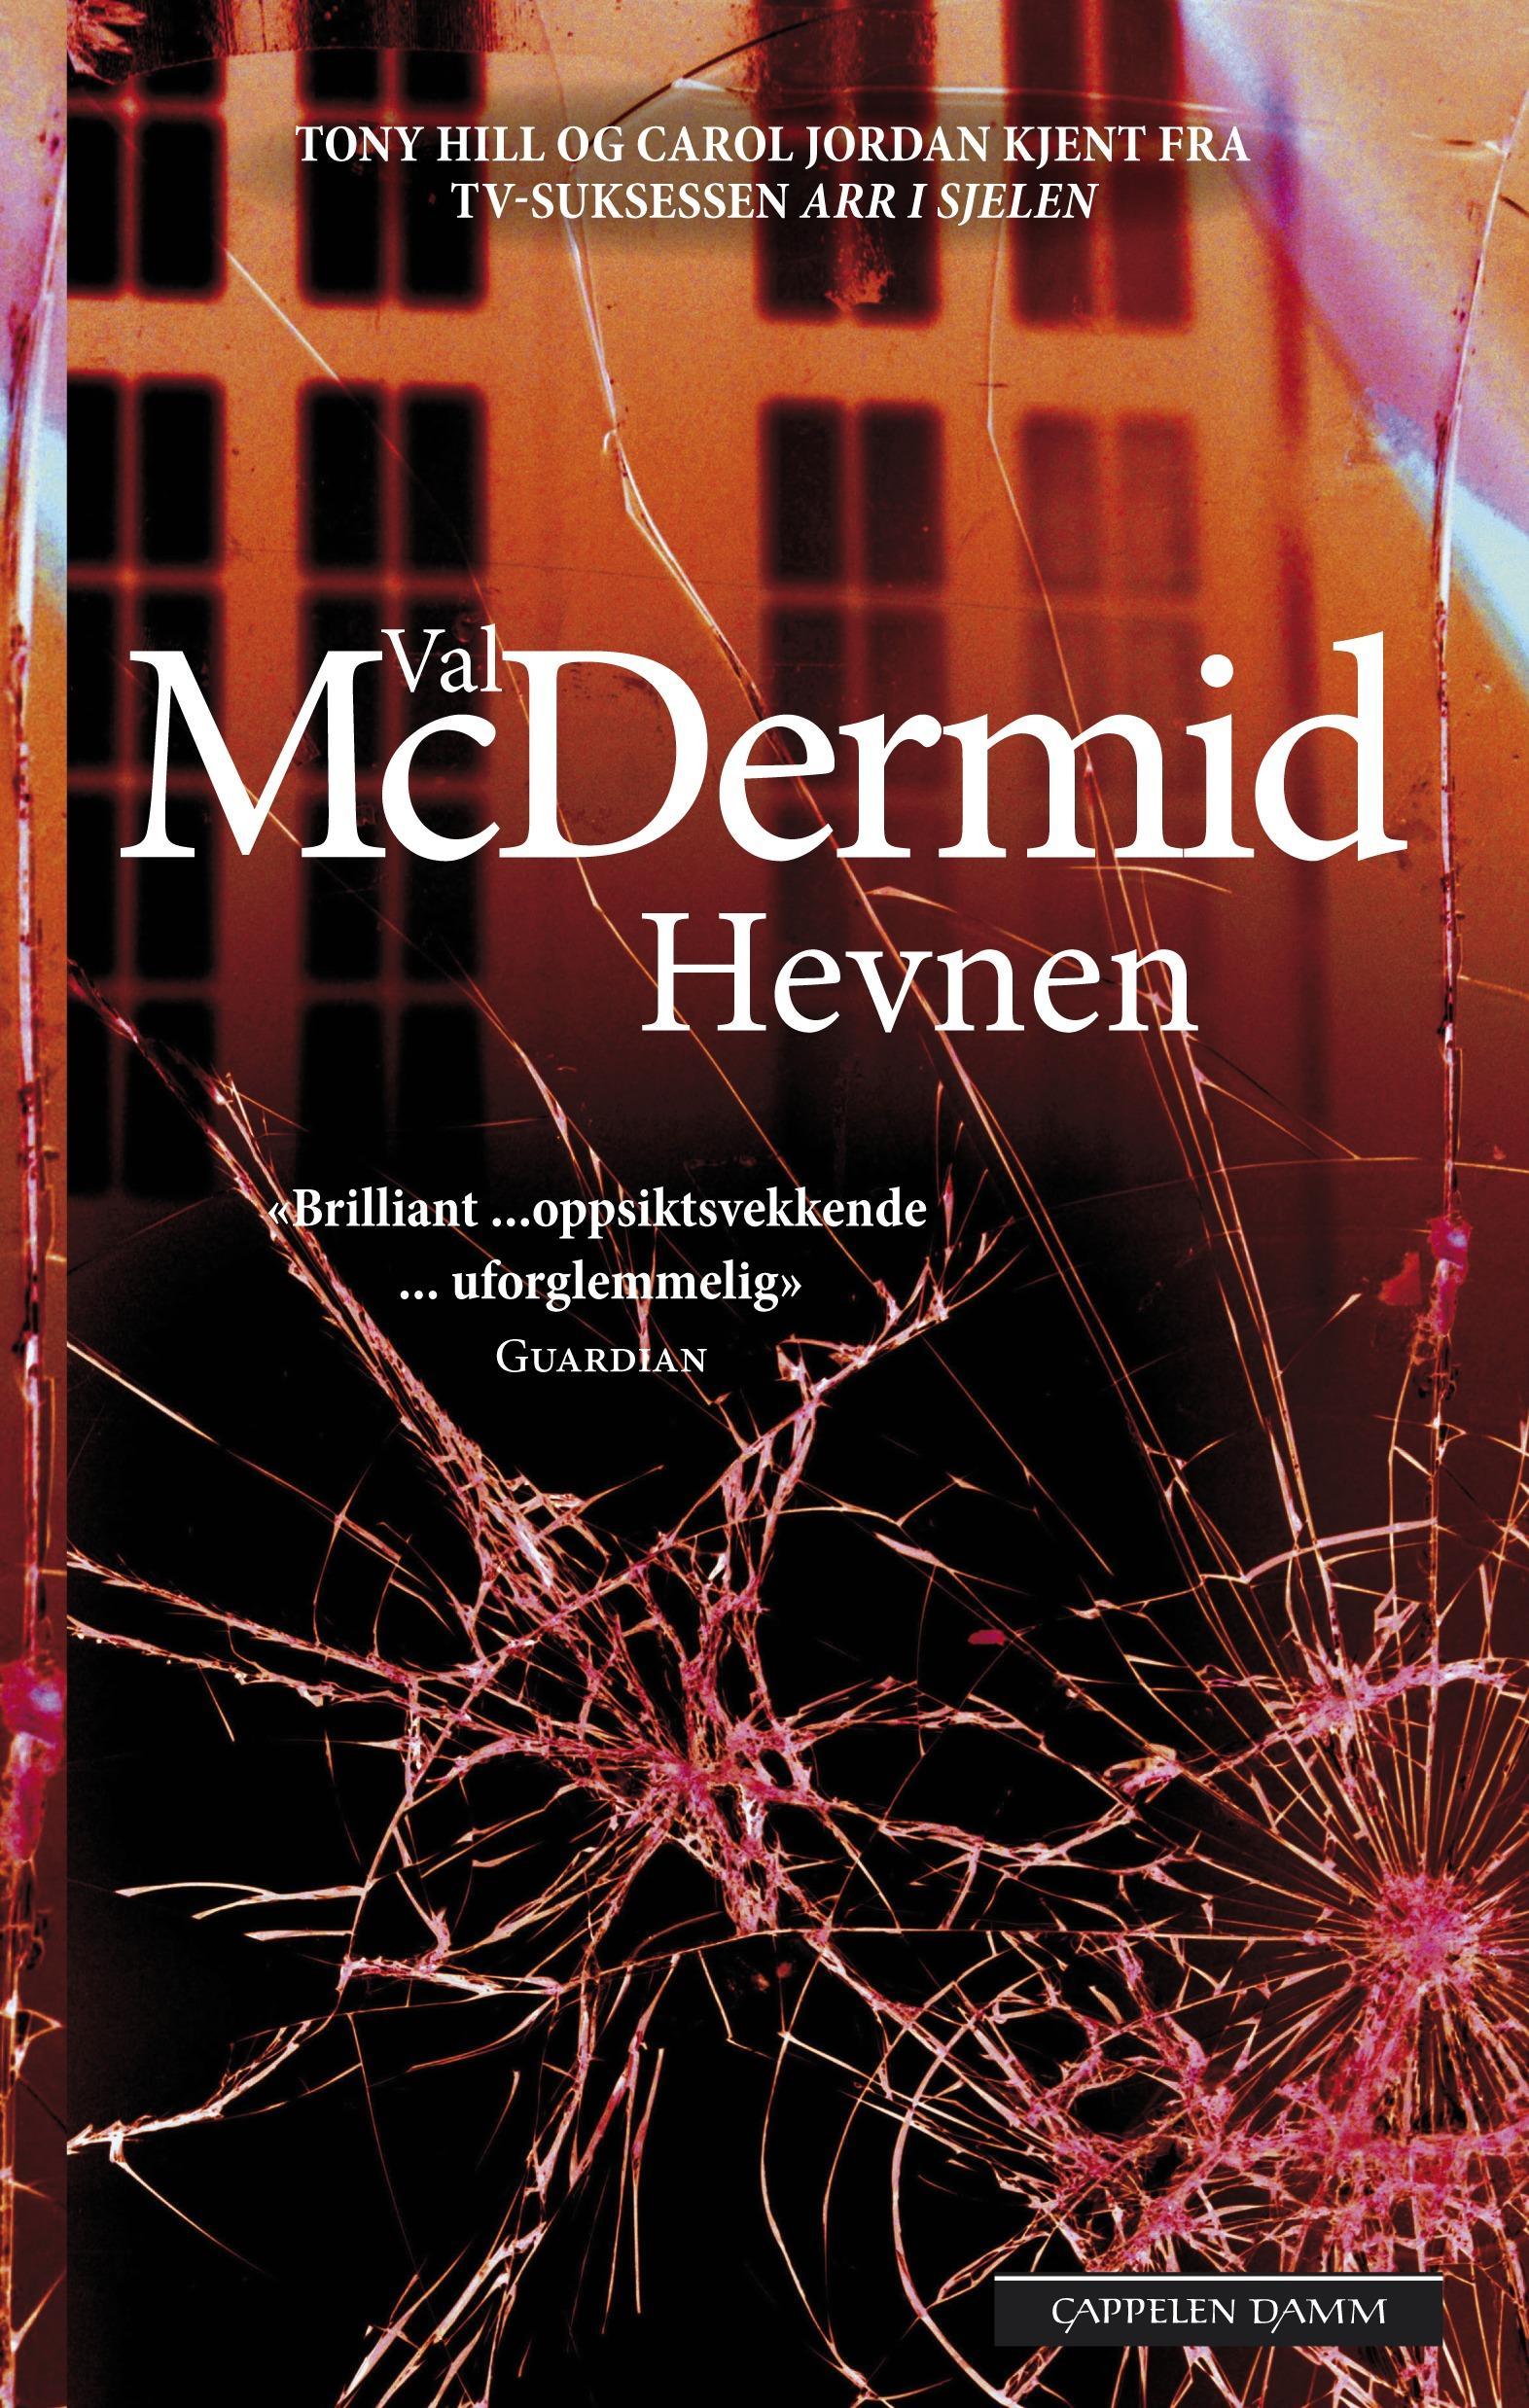 """""""Hevnen"""" av Val McDermid"""